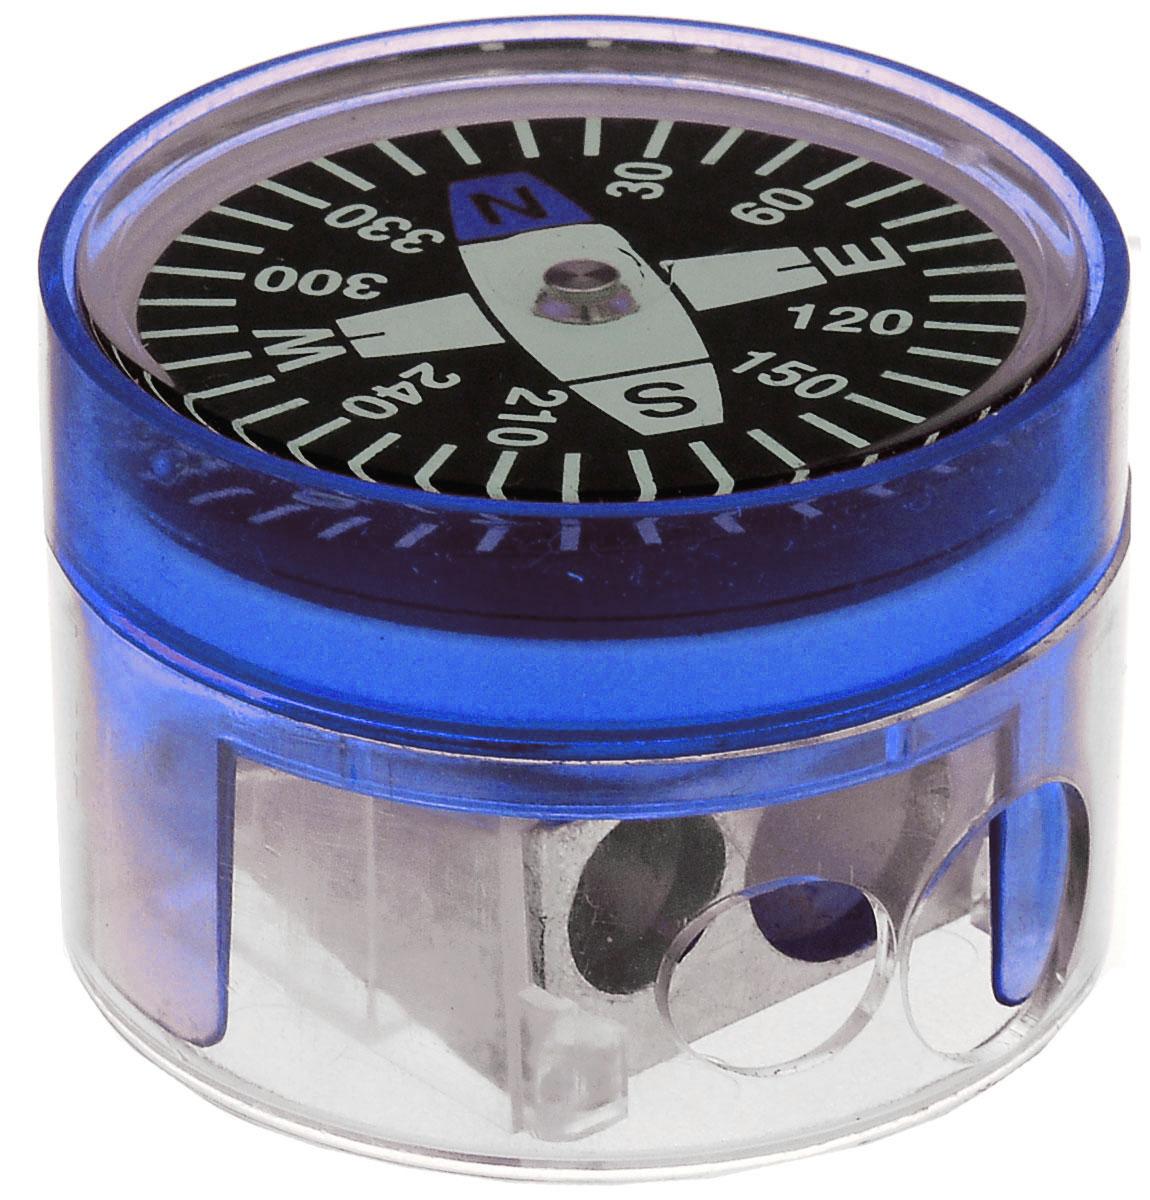 Brunnen Точилка двойная Компас цвет синий29836\255718\BCD_синийДвойная точилка Brunnen Компас выполнена из прочного пластика. В точилке имеются два отверстия для карандашей различного диаметра, подходит для разных видов карандашей. При повороте пластикового контейнера, отверстия закрываются. Полупрозрачный контейнер для сбора стружки позволяет визуально контролировать уровень заполнения и вовремя производить очистку. В крышку контейнера встроен небольшой компас.